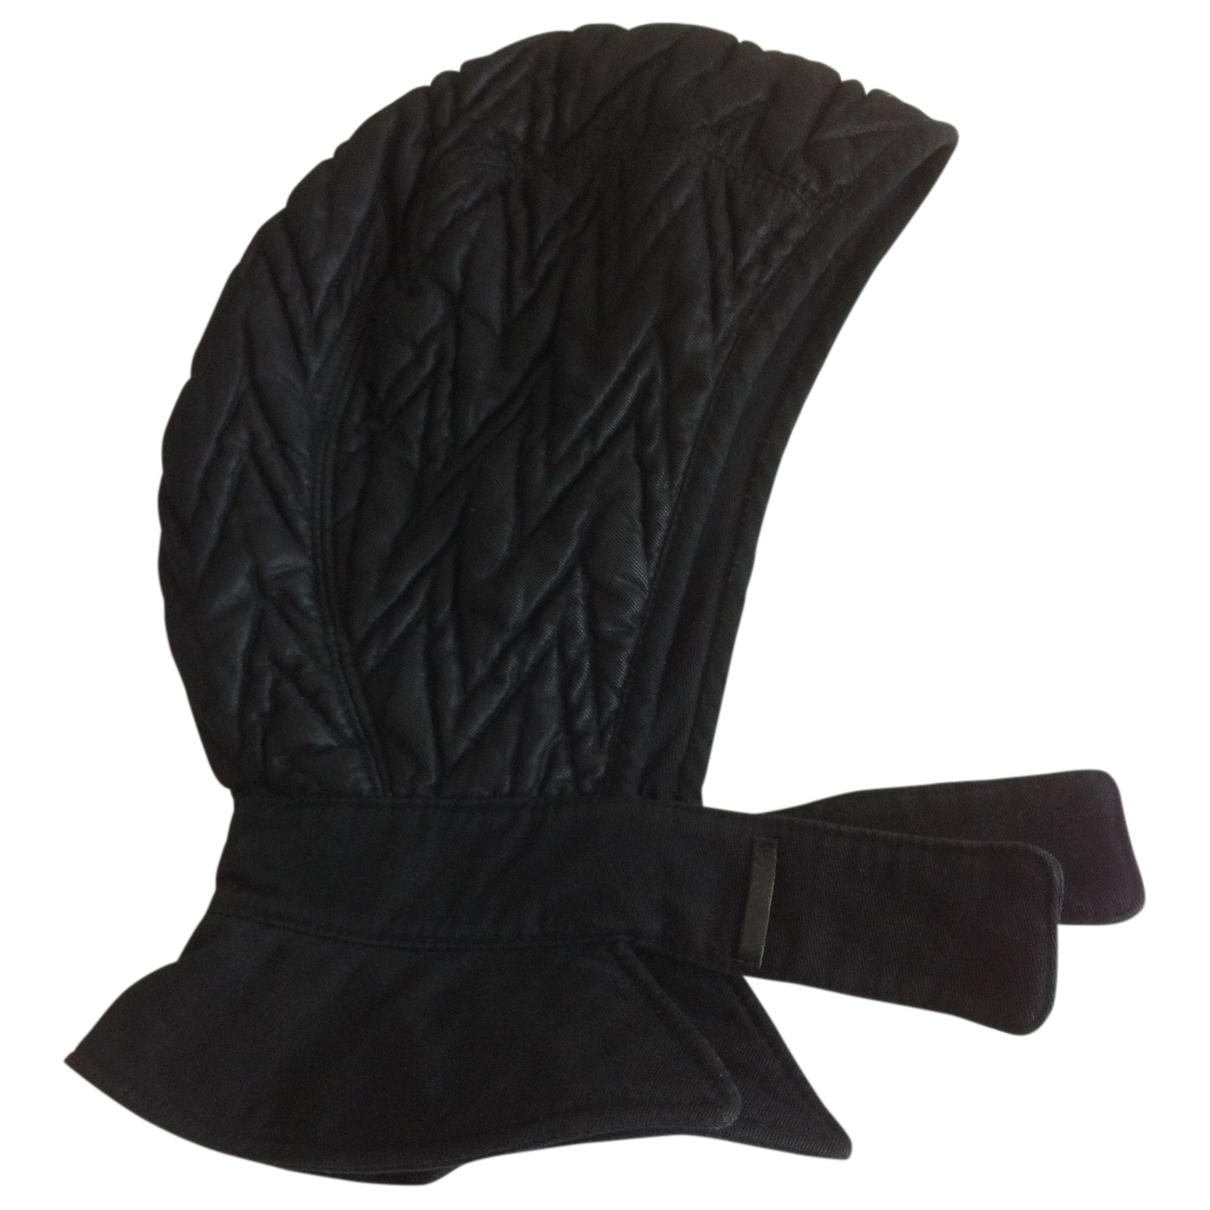 Emporio Armani - Chapeau & Bonnets   pour homme - noir